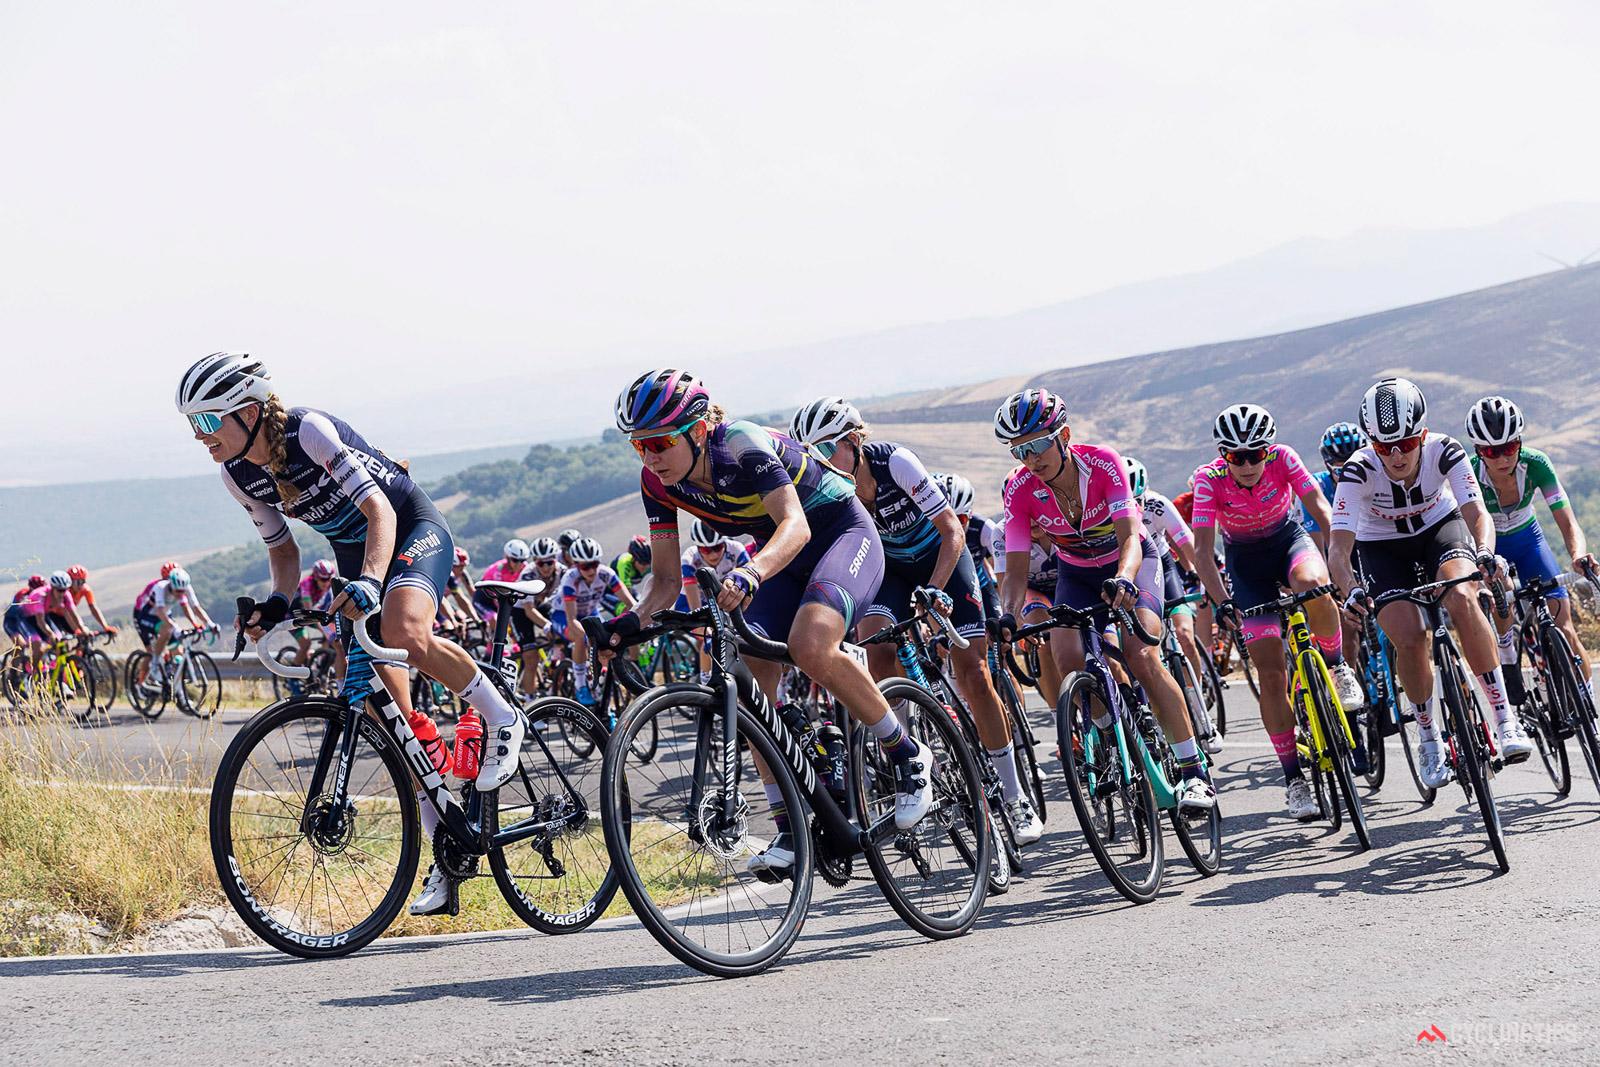 Giro Rosa fuori dal calendario Women's WorldTour per il 2021